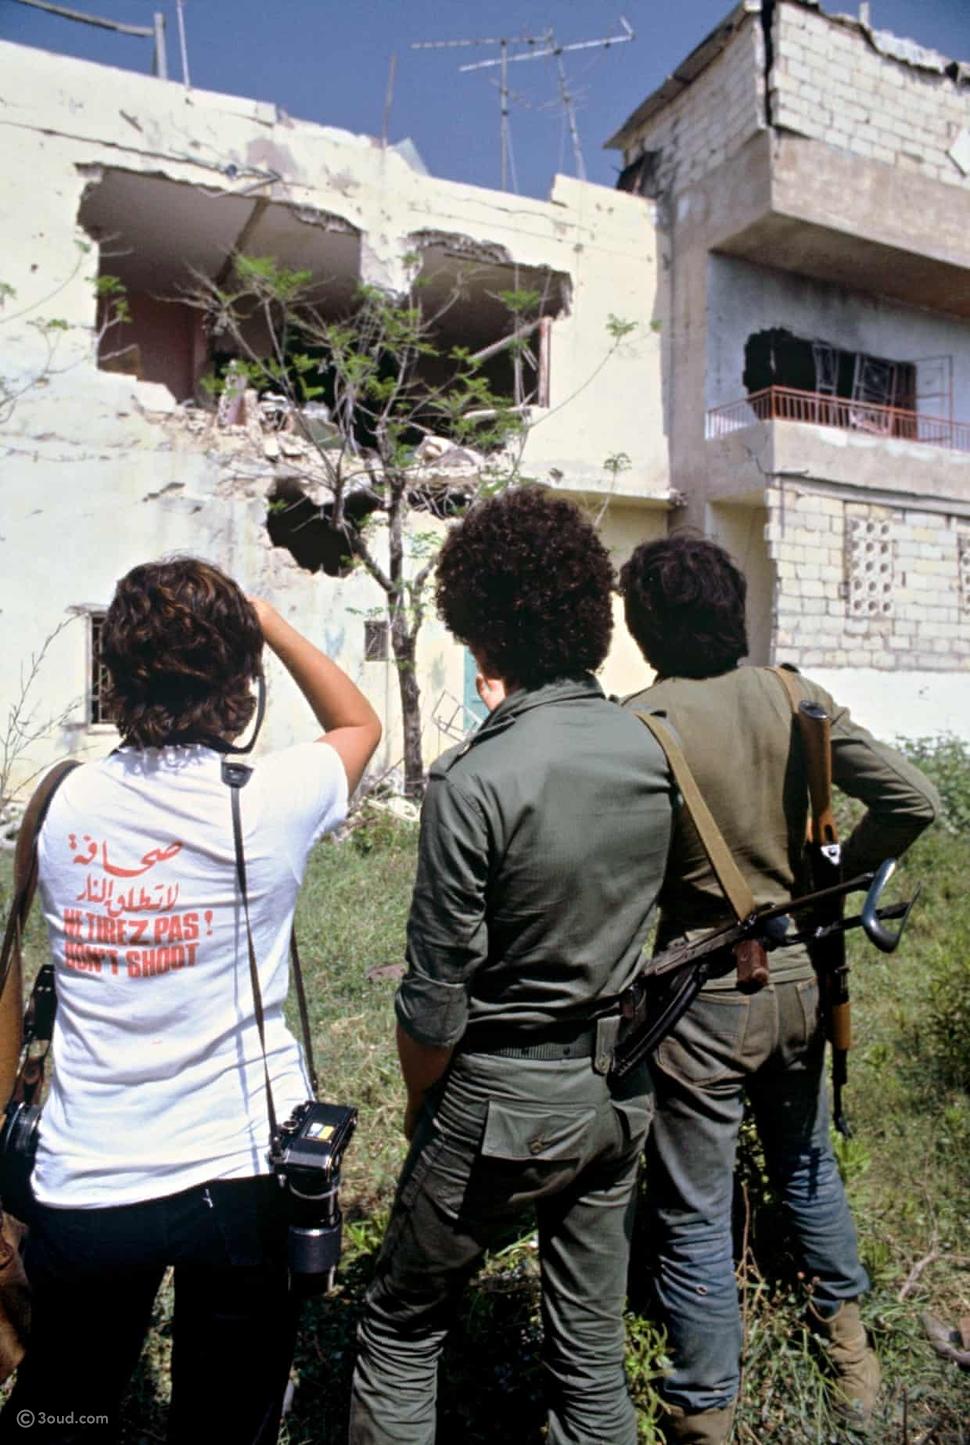 قميص صحافة لا تطلق النار القاسمي